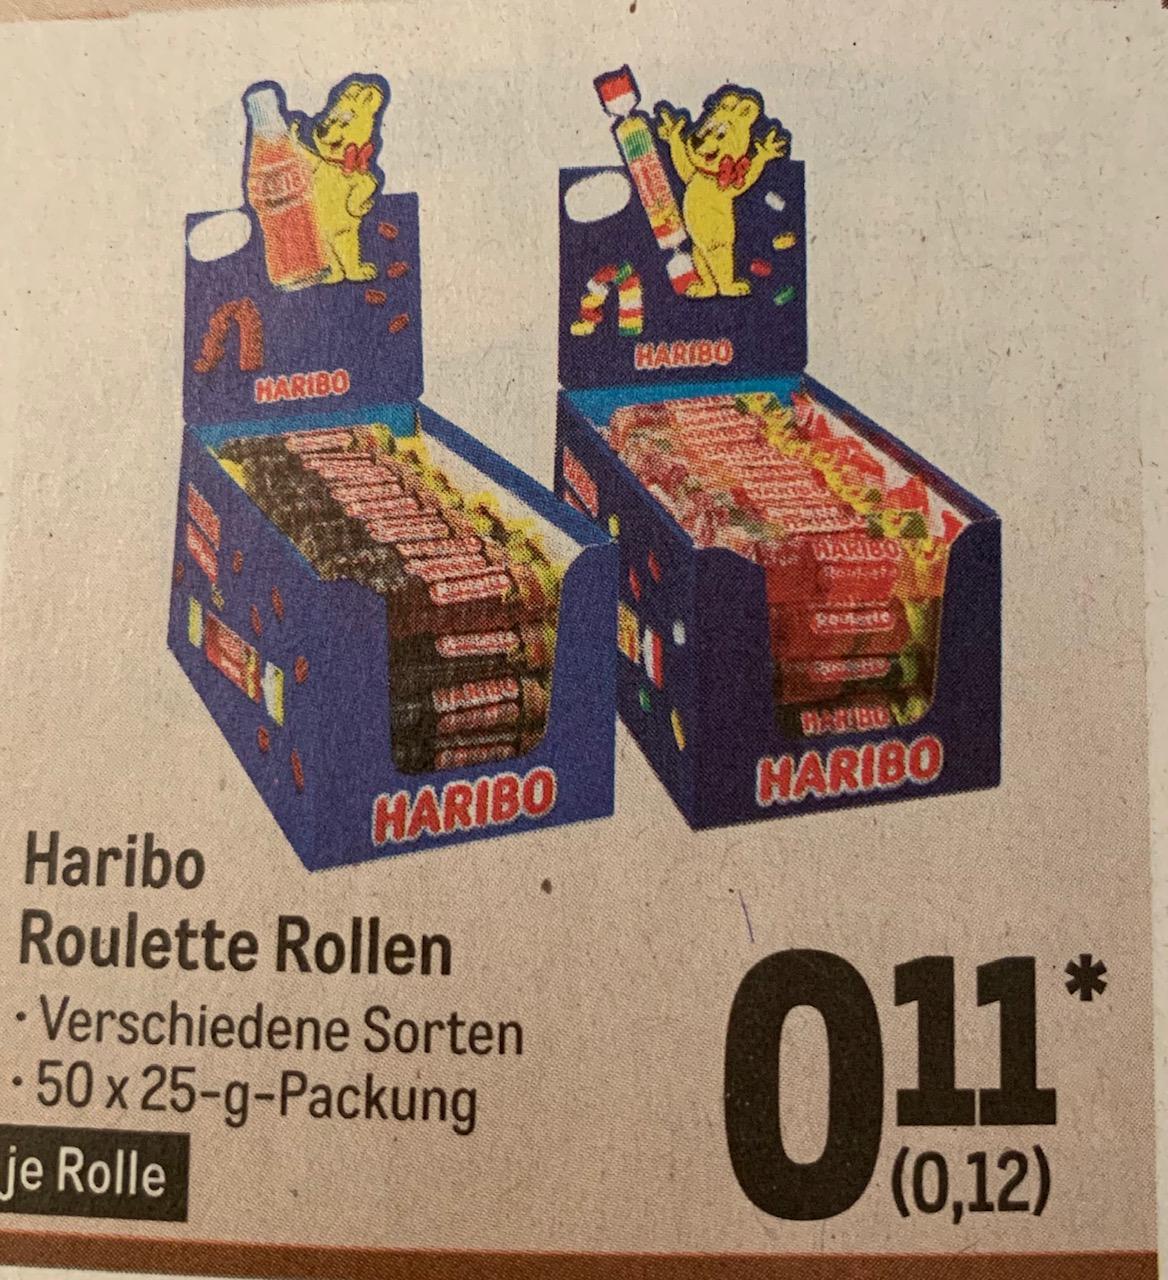 [Metro] Haribo Roulette 50 Stück (25 g) 1,25 kg Rollen gemischt oder Cola